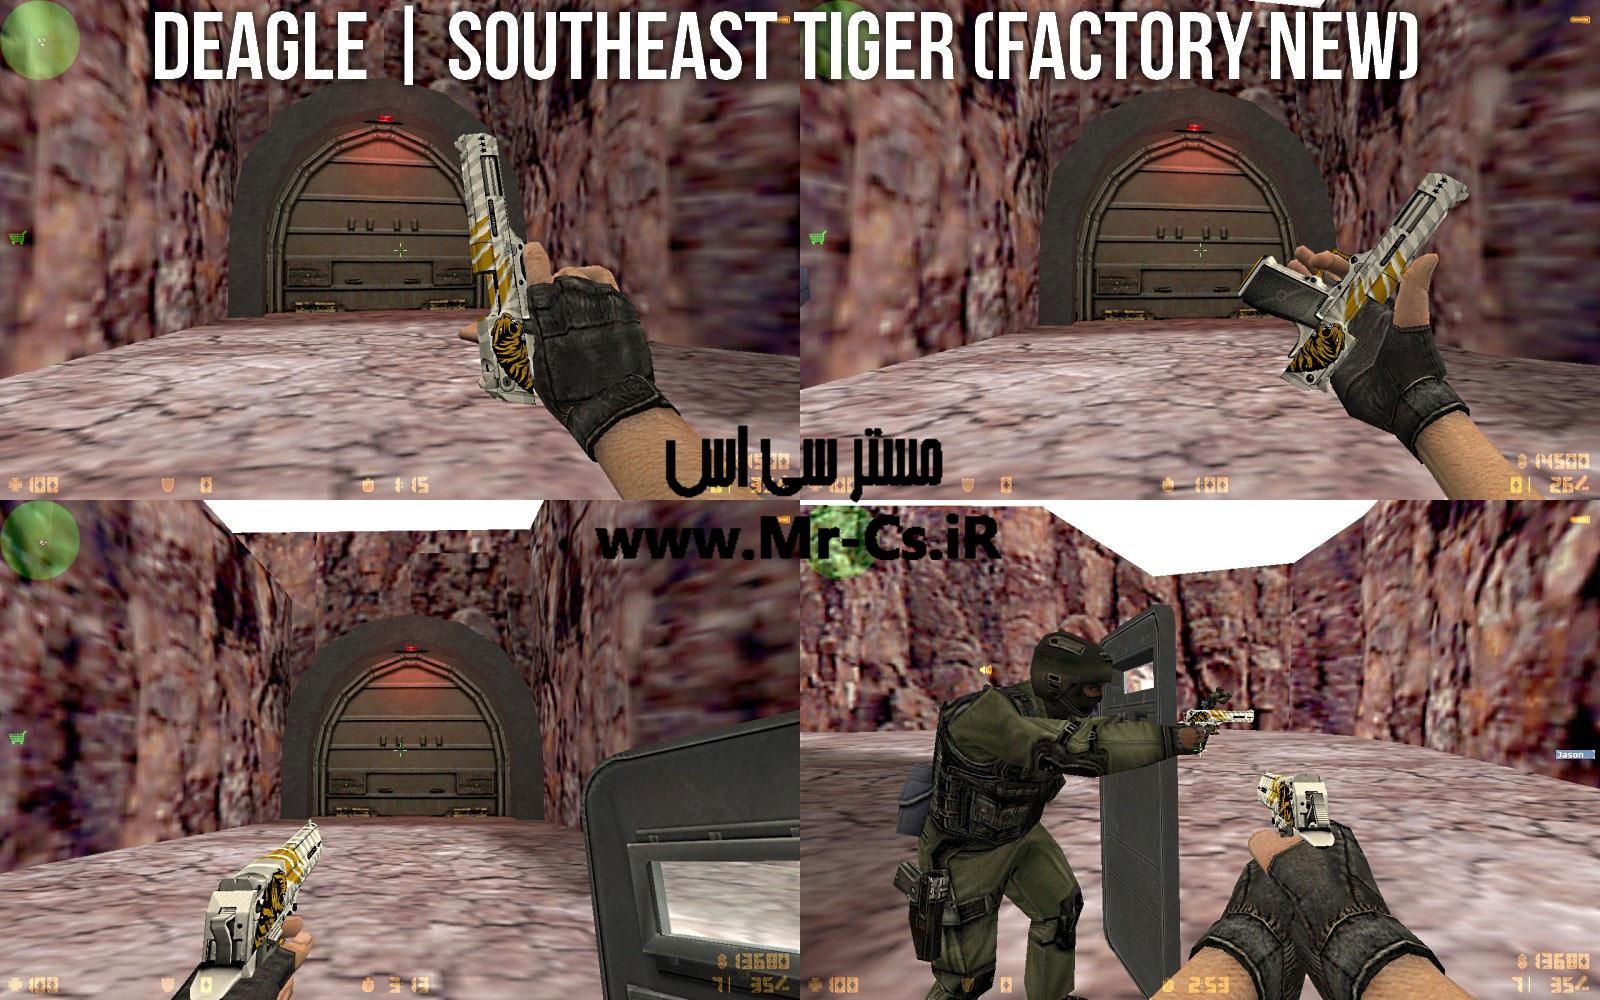 دانلود اسکین جدید دیزرت Southeast Tiger